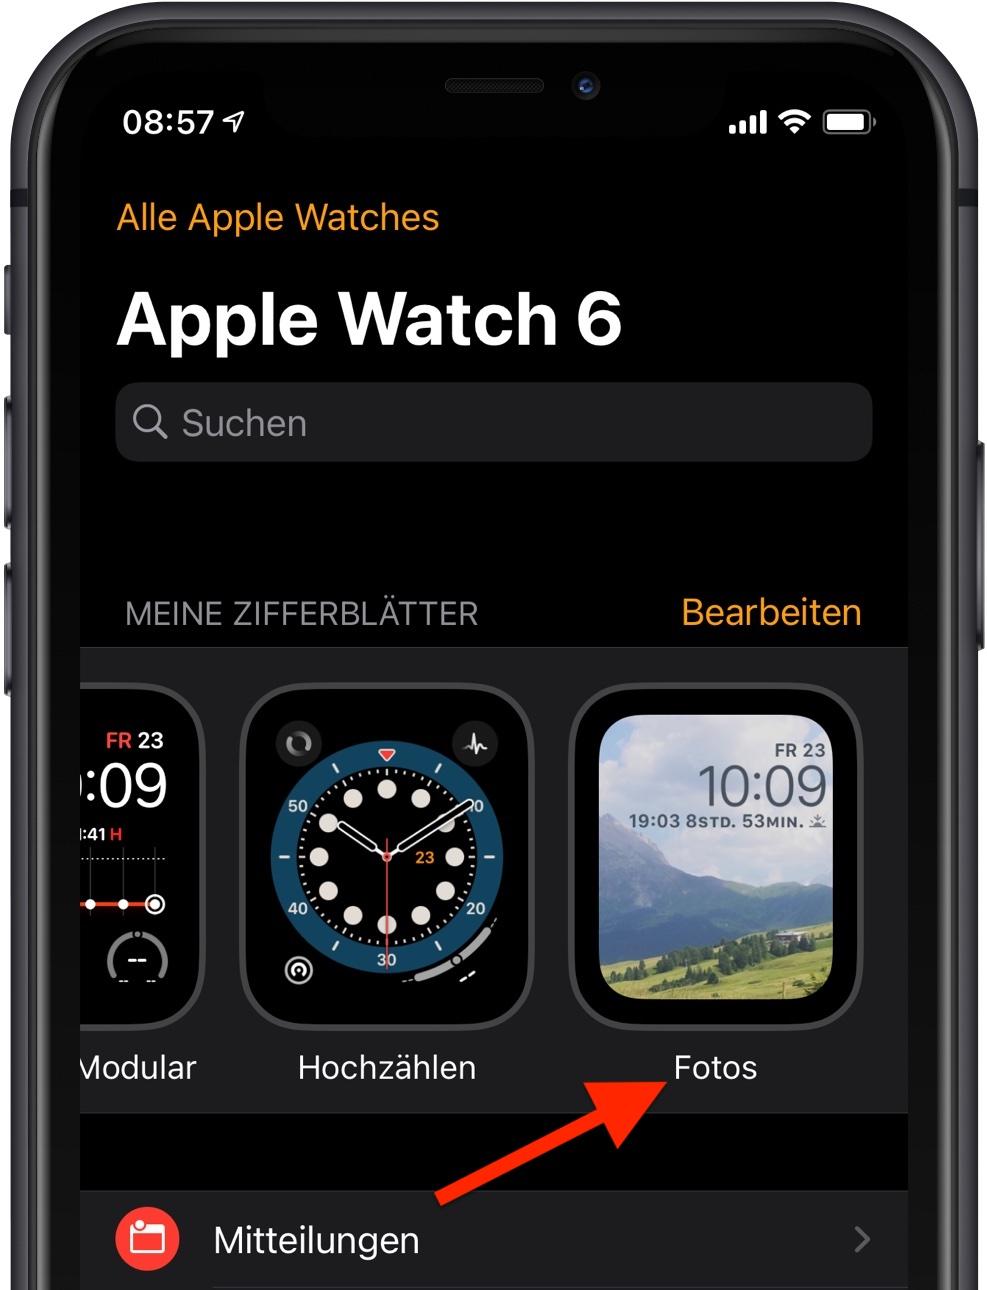 Apple-Watch-Eigene-Fotos-als-Hintergrundbild-verwenden-2